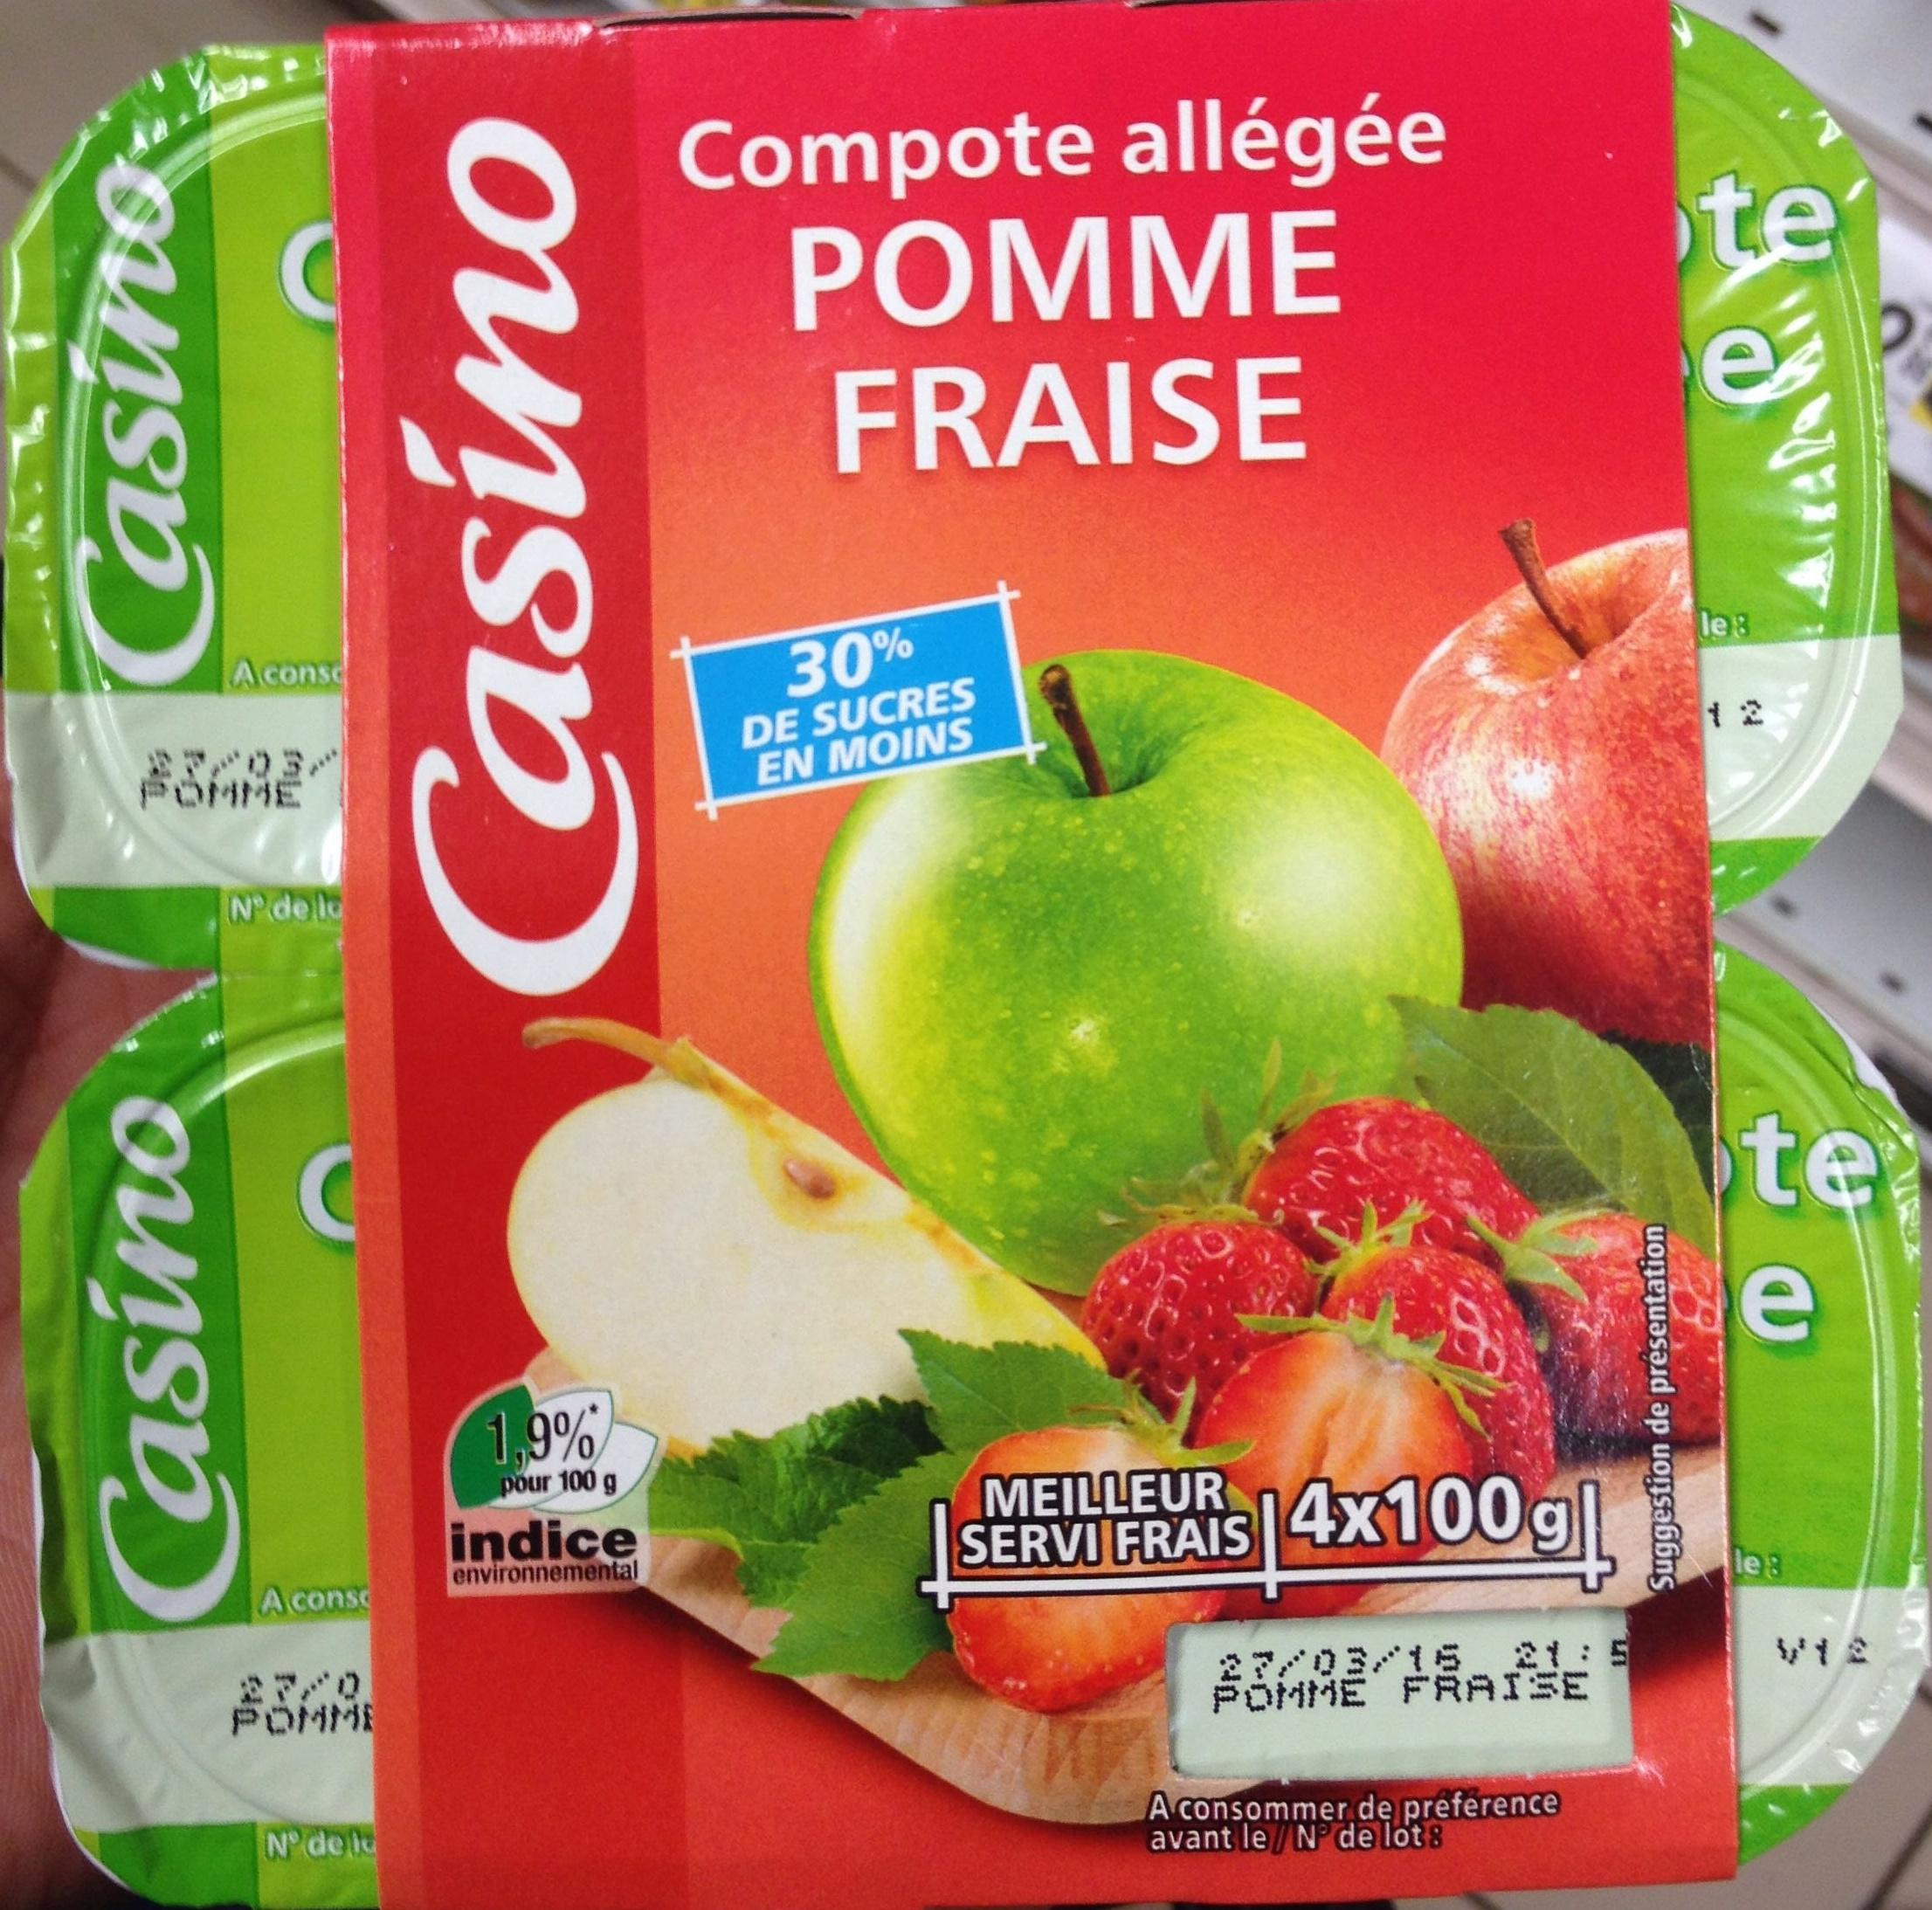 Compote allégée Pommes Fraises - Produkt